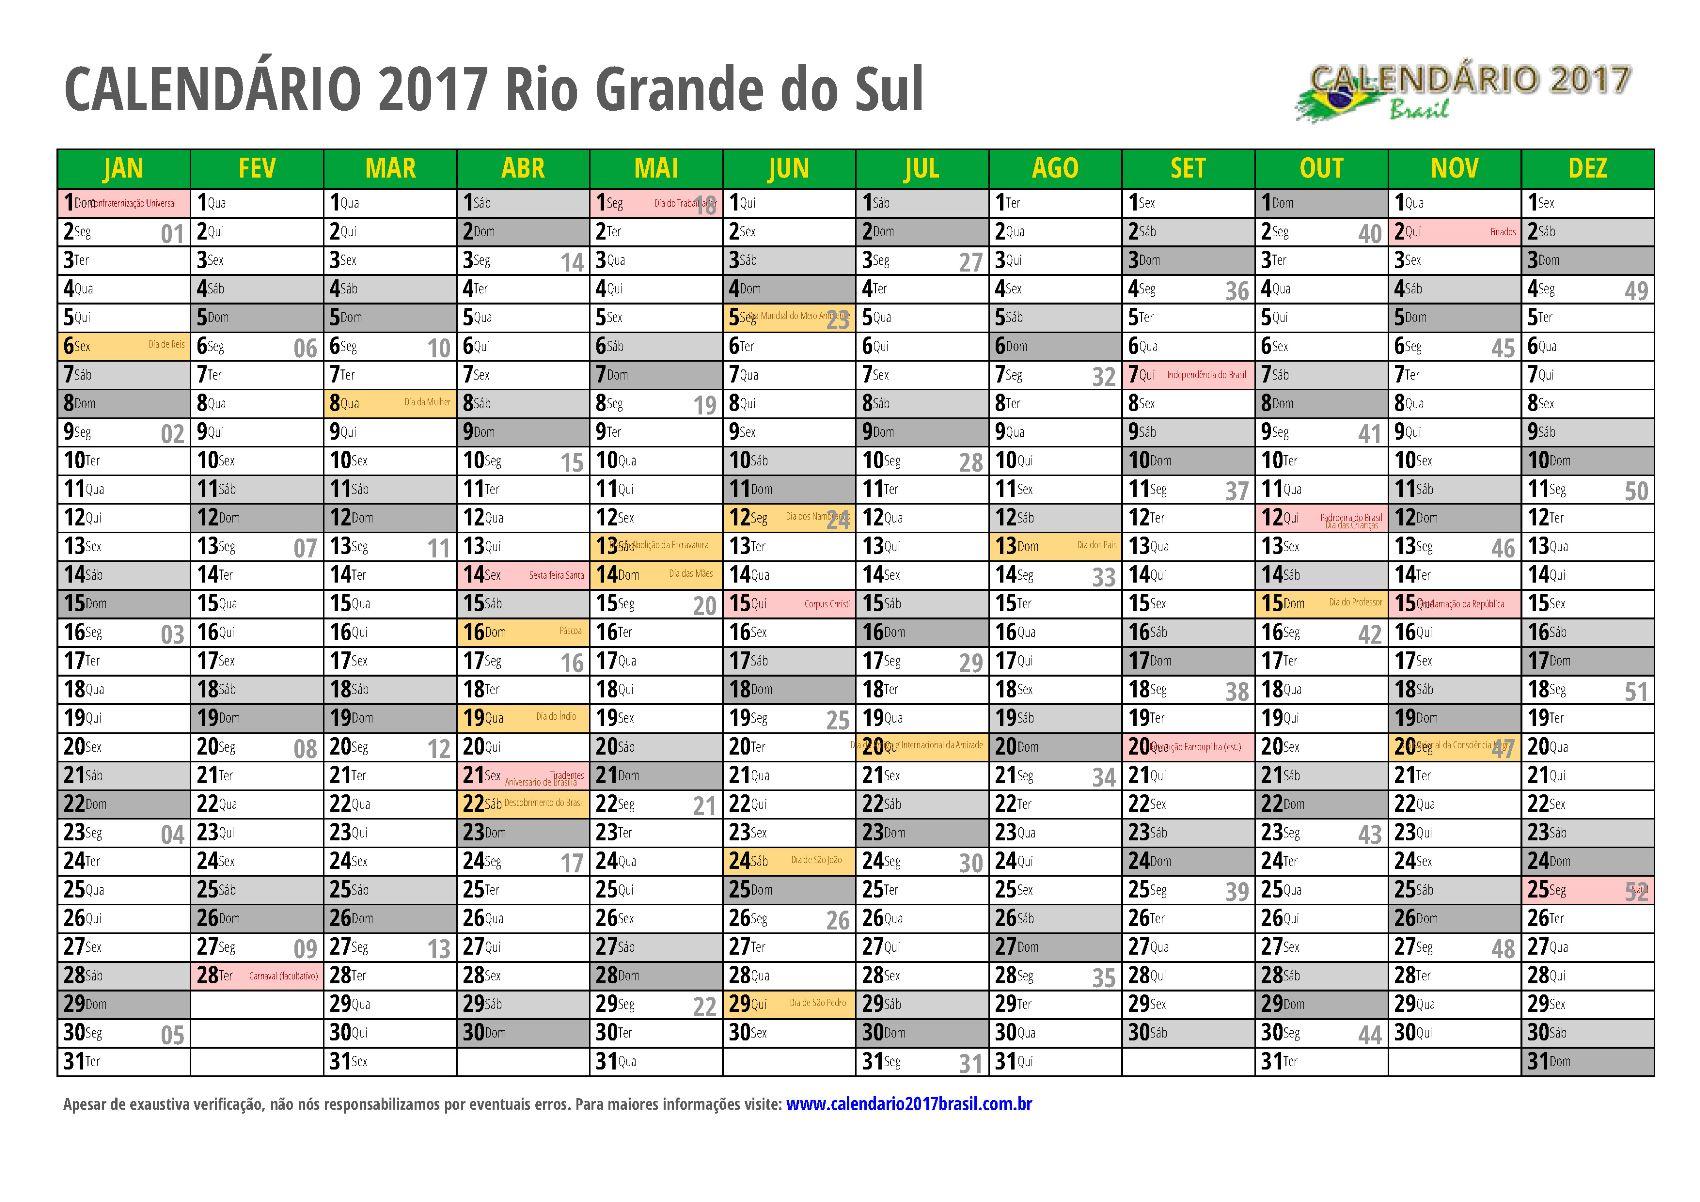 Calendario 20017.Calendario 2017 Para Imprimir Com Feriados